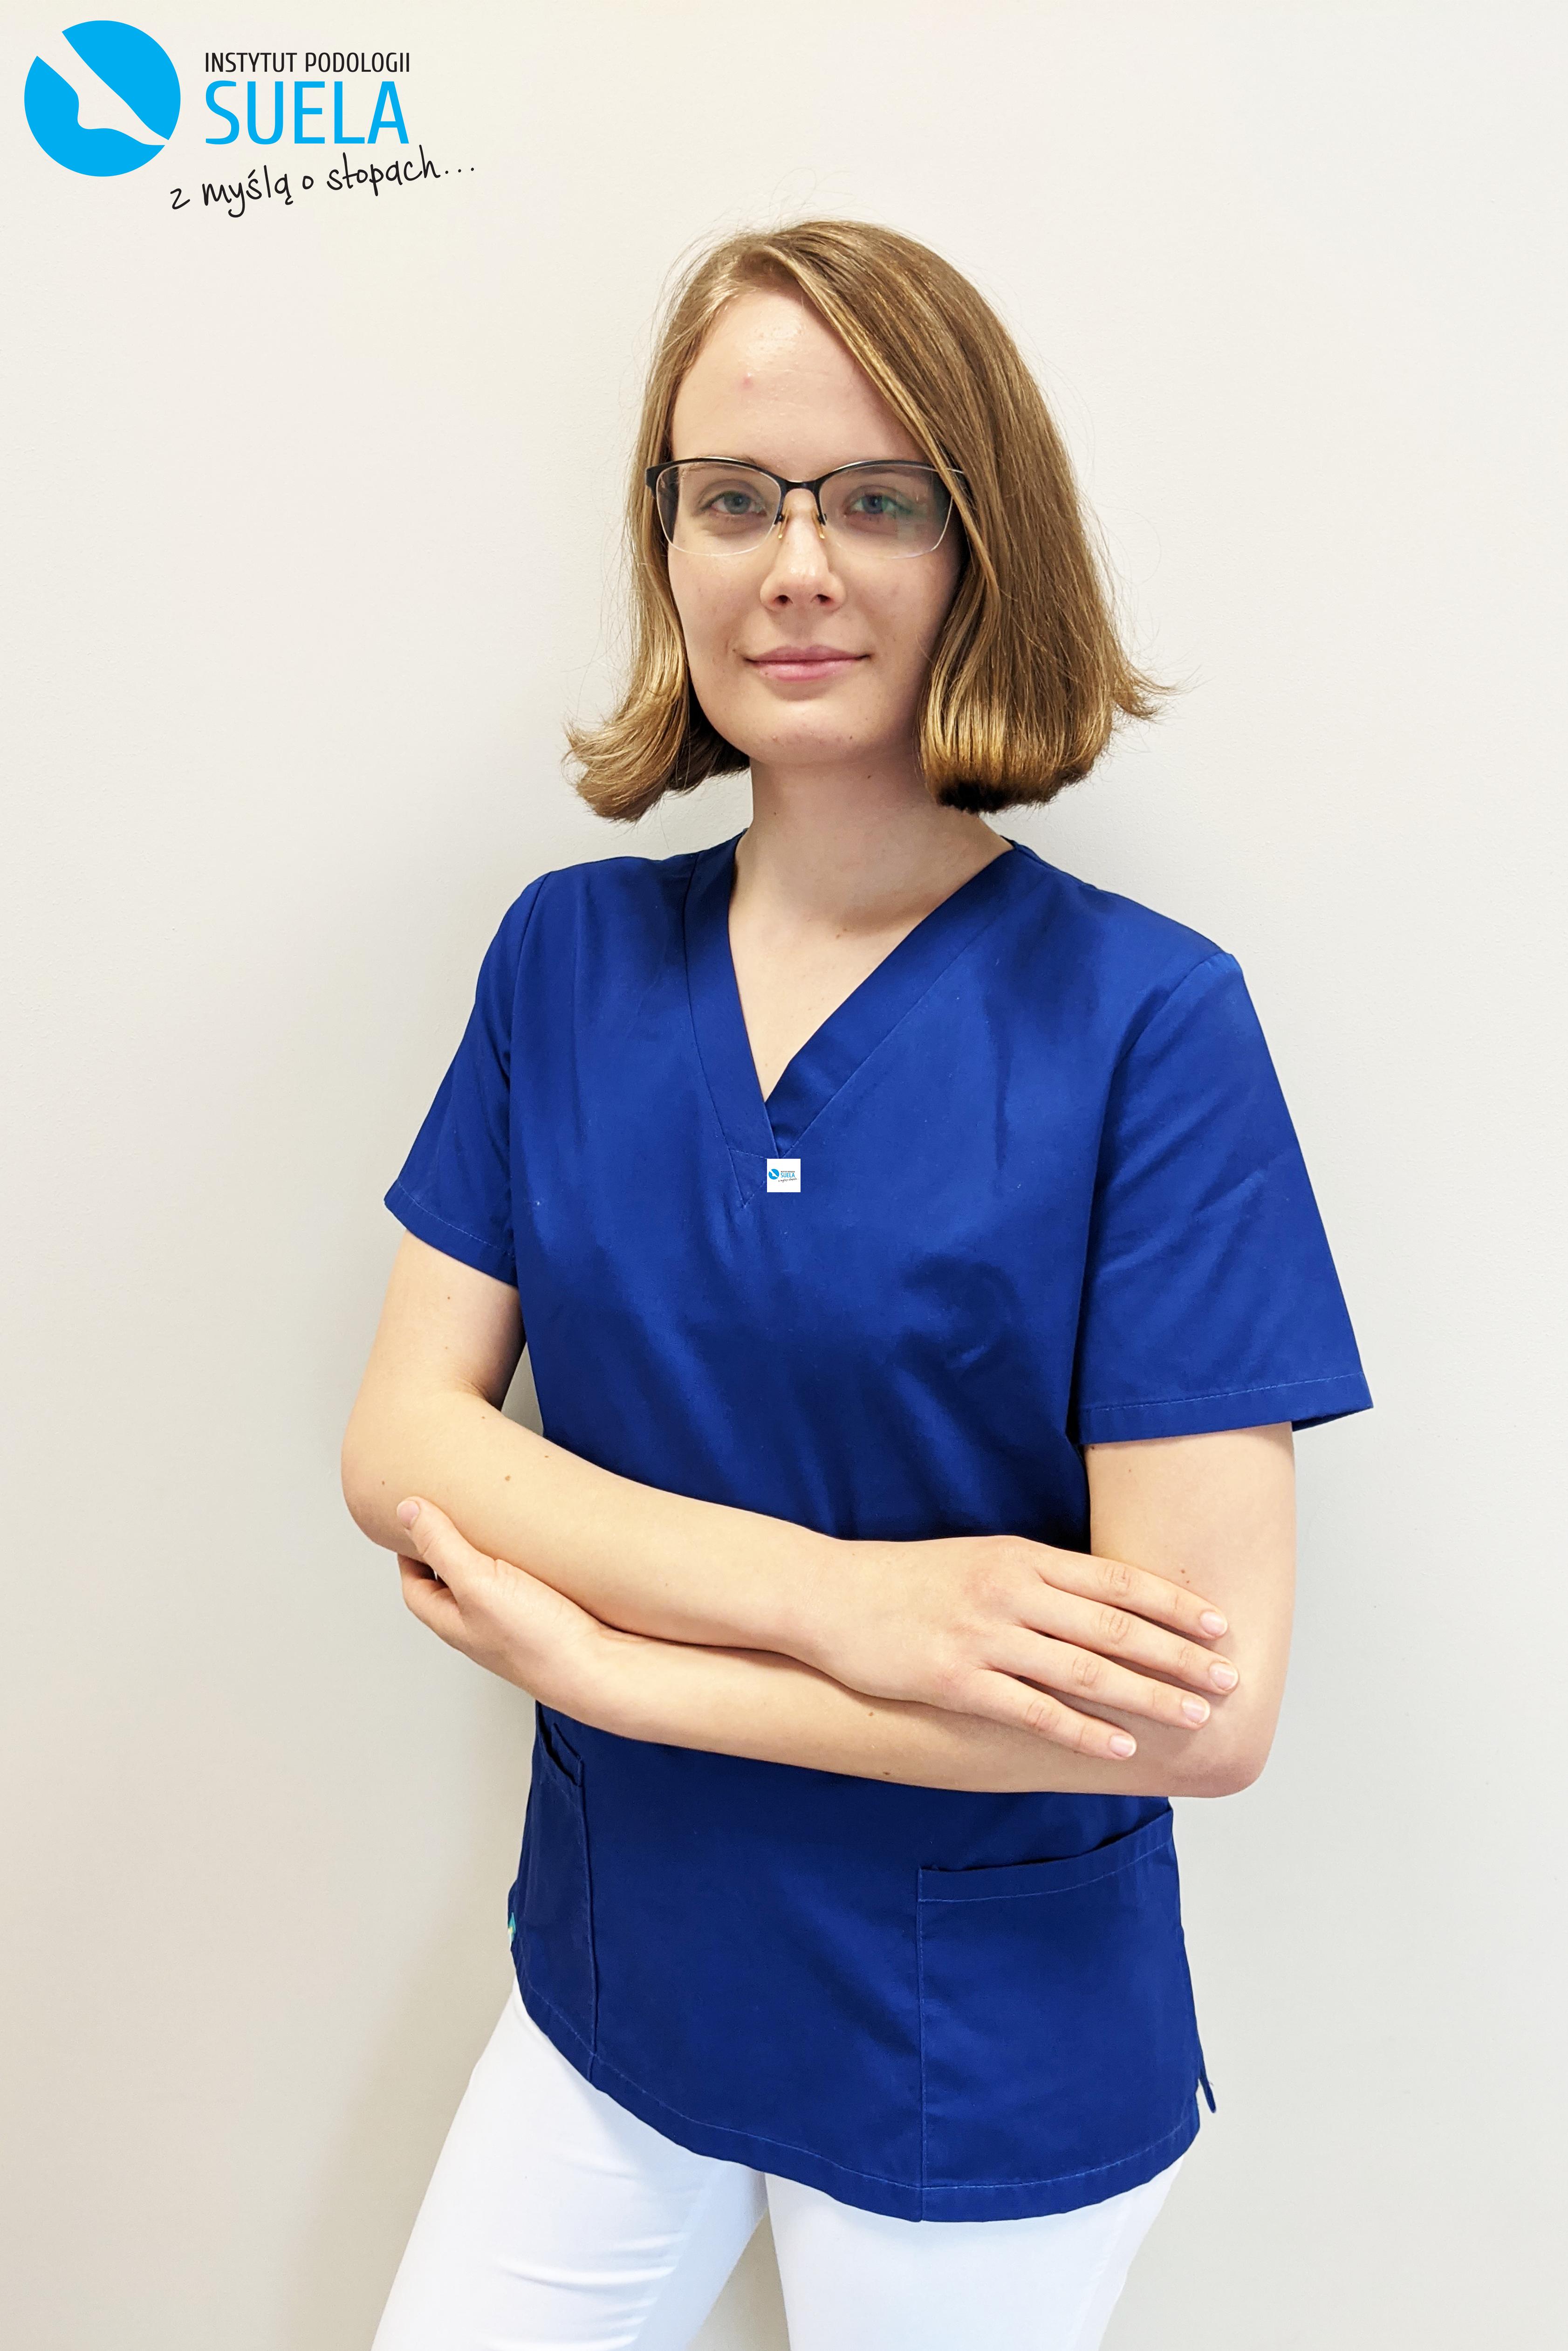 Katarzyna Sury